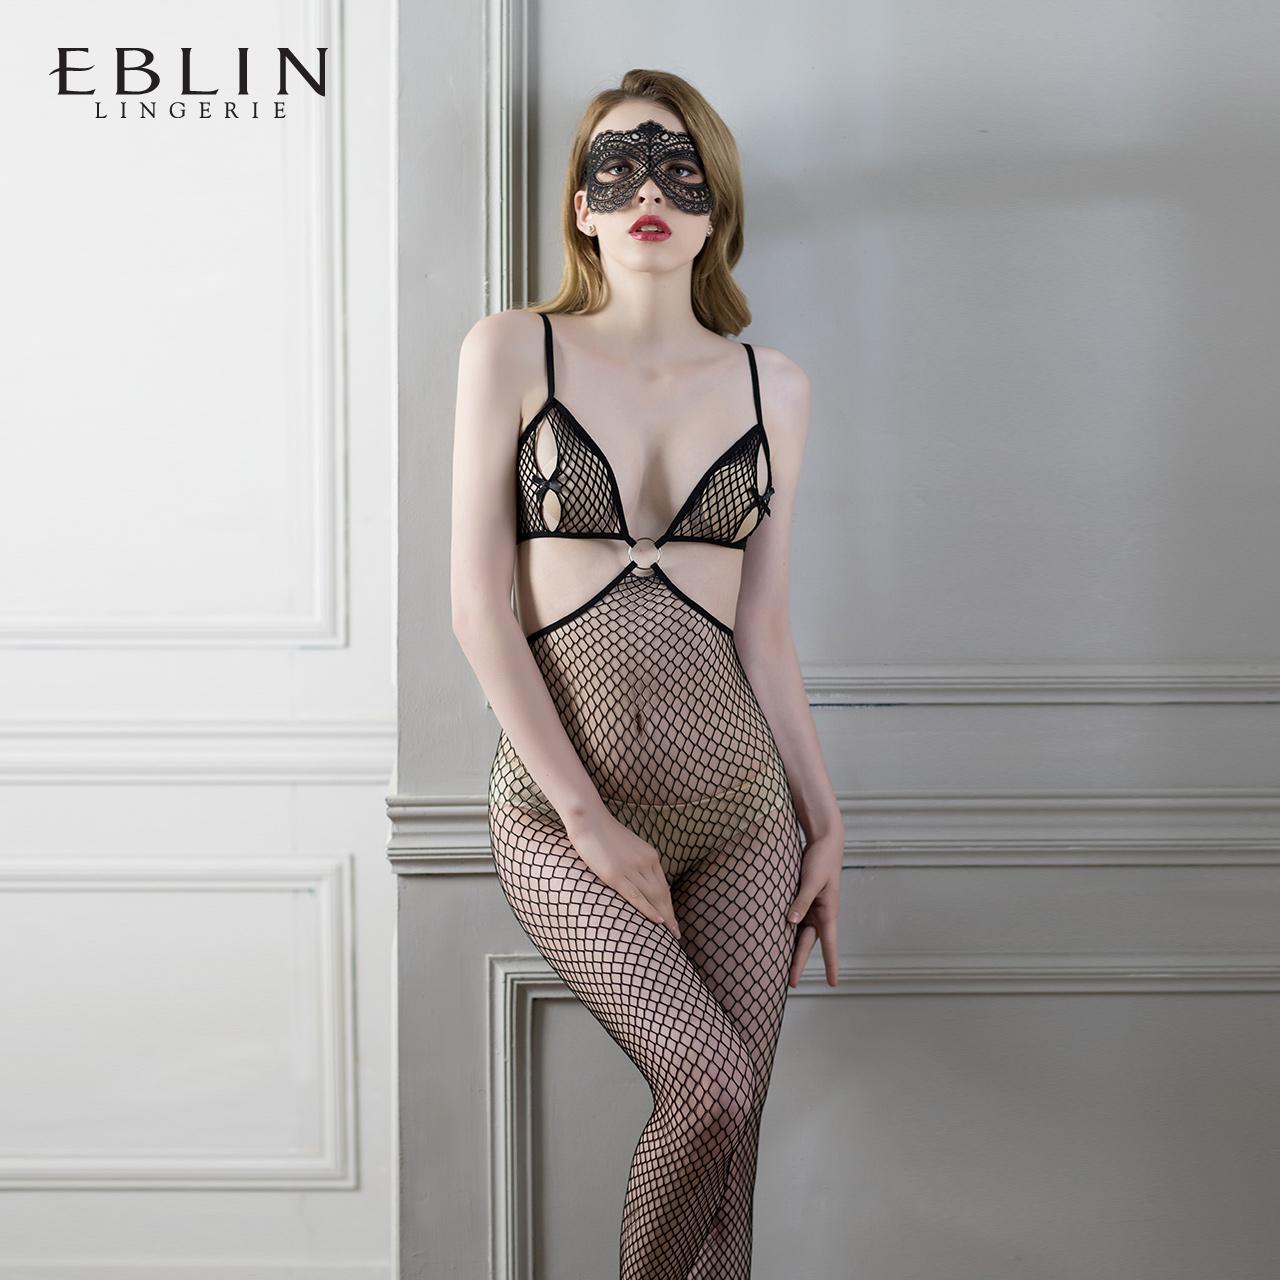 【 новые товары 】EBLIN сексуальный дразнить человек мешок металл пряжка fun внутри одежда ECAY789031